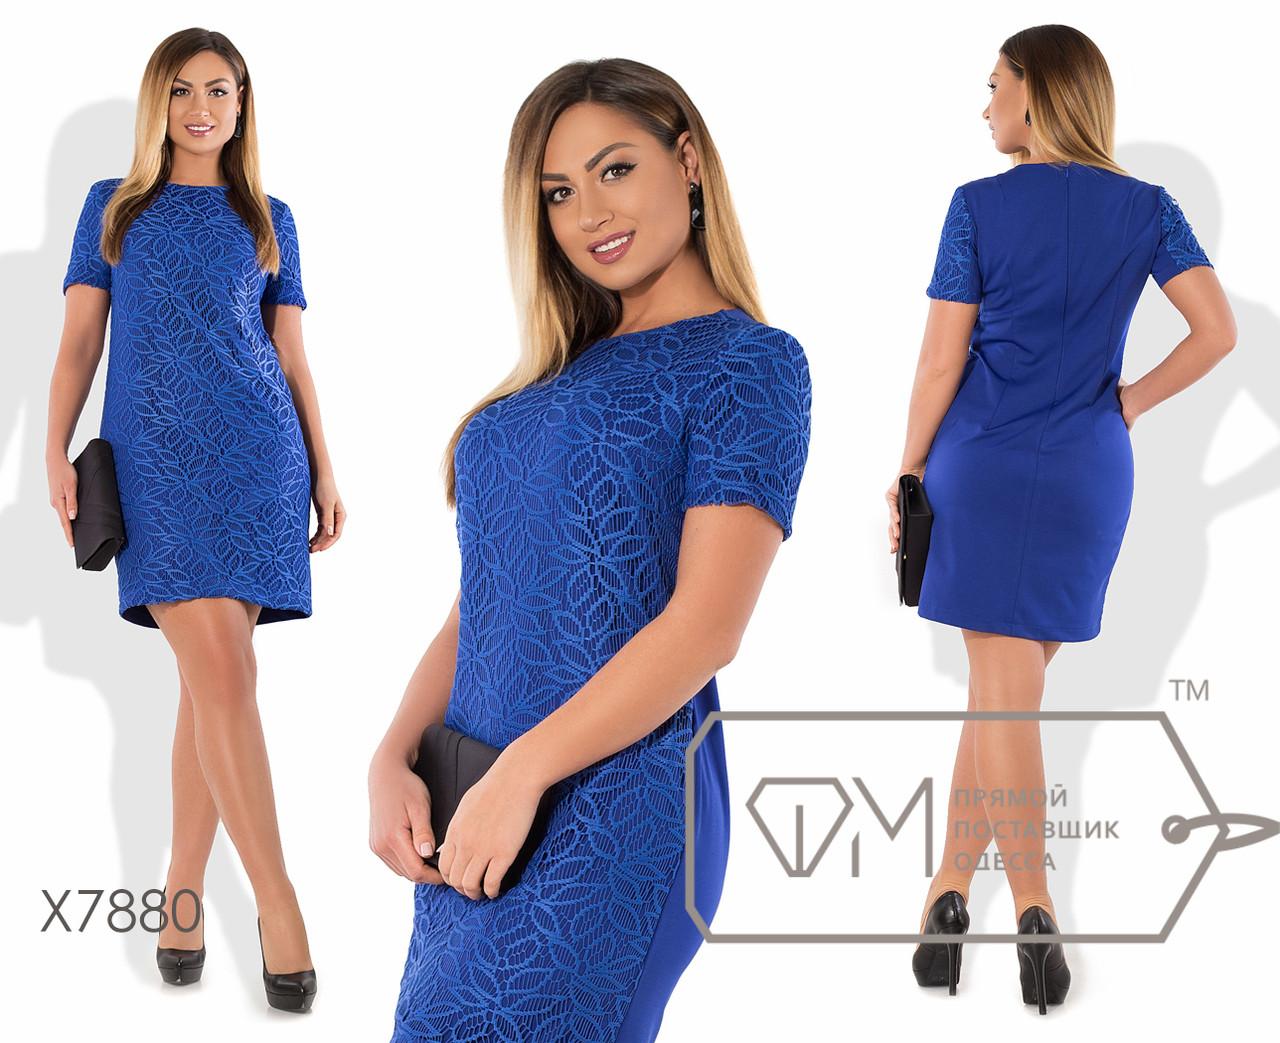 Платье-футляр мини приталенное из трикотажа алекс с передом и короткими рукавами из гипюра, ювелирным вырезом X7880